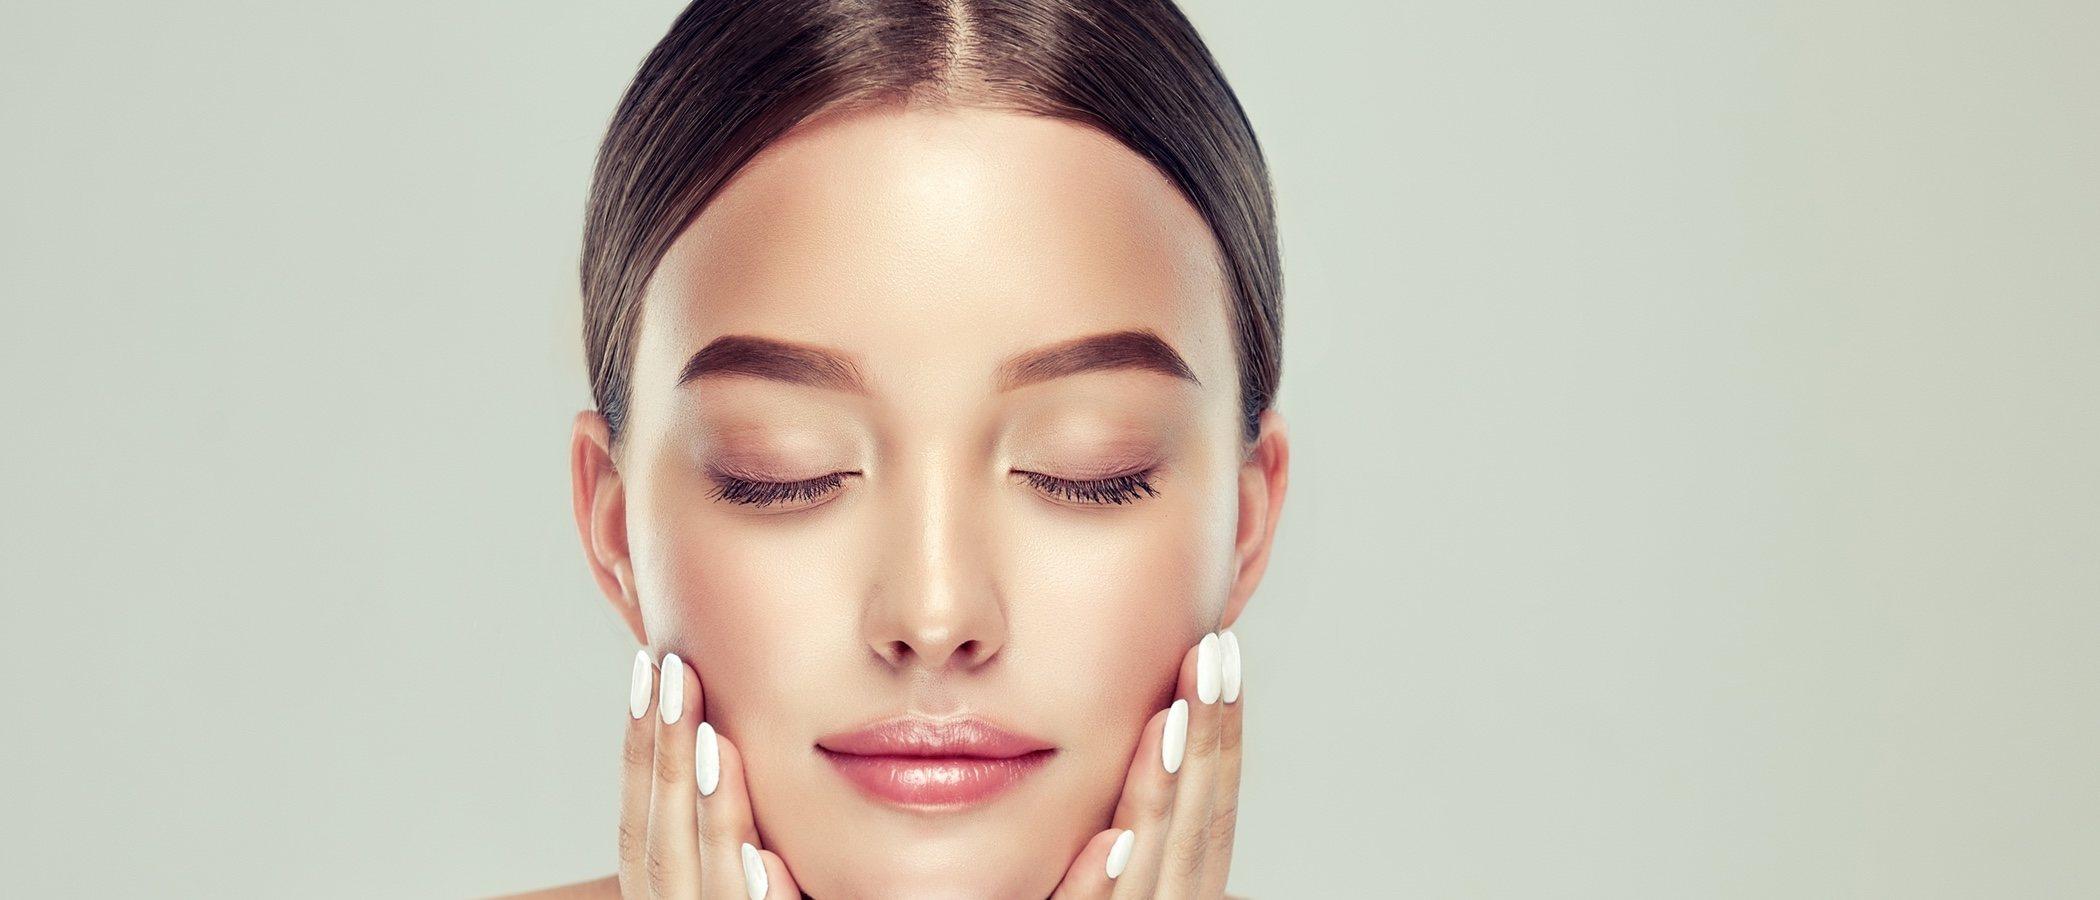 5 primers low cost que no pueden faltar en tu kit de maquillaje